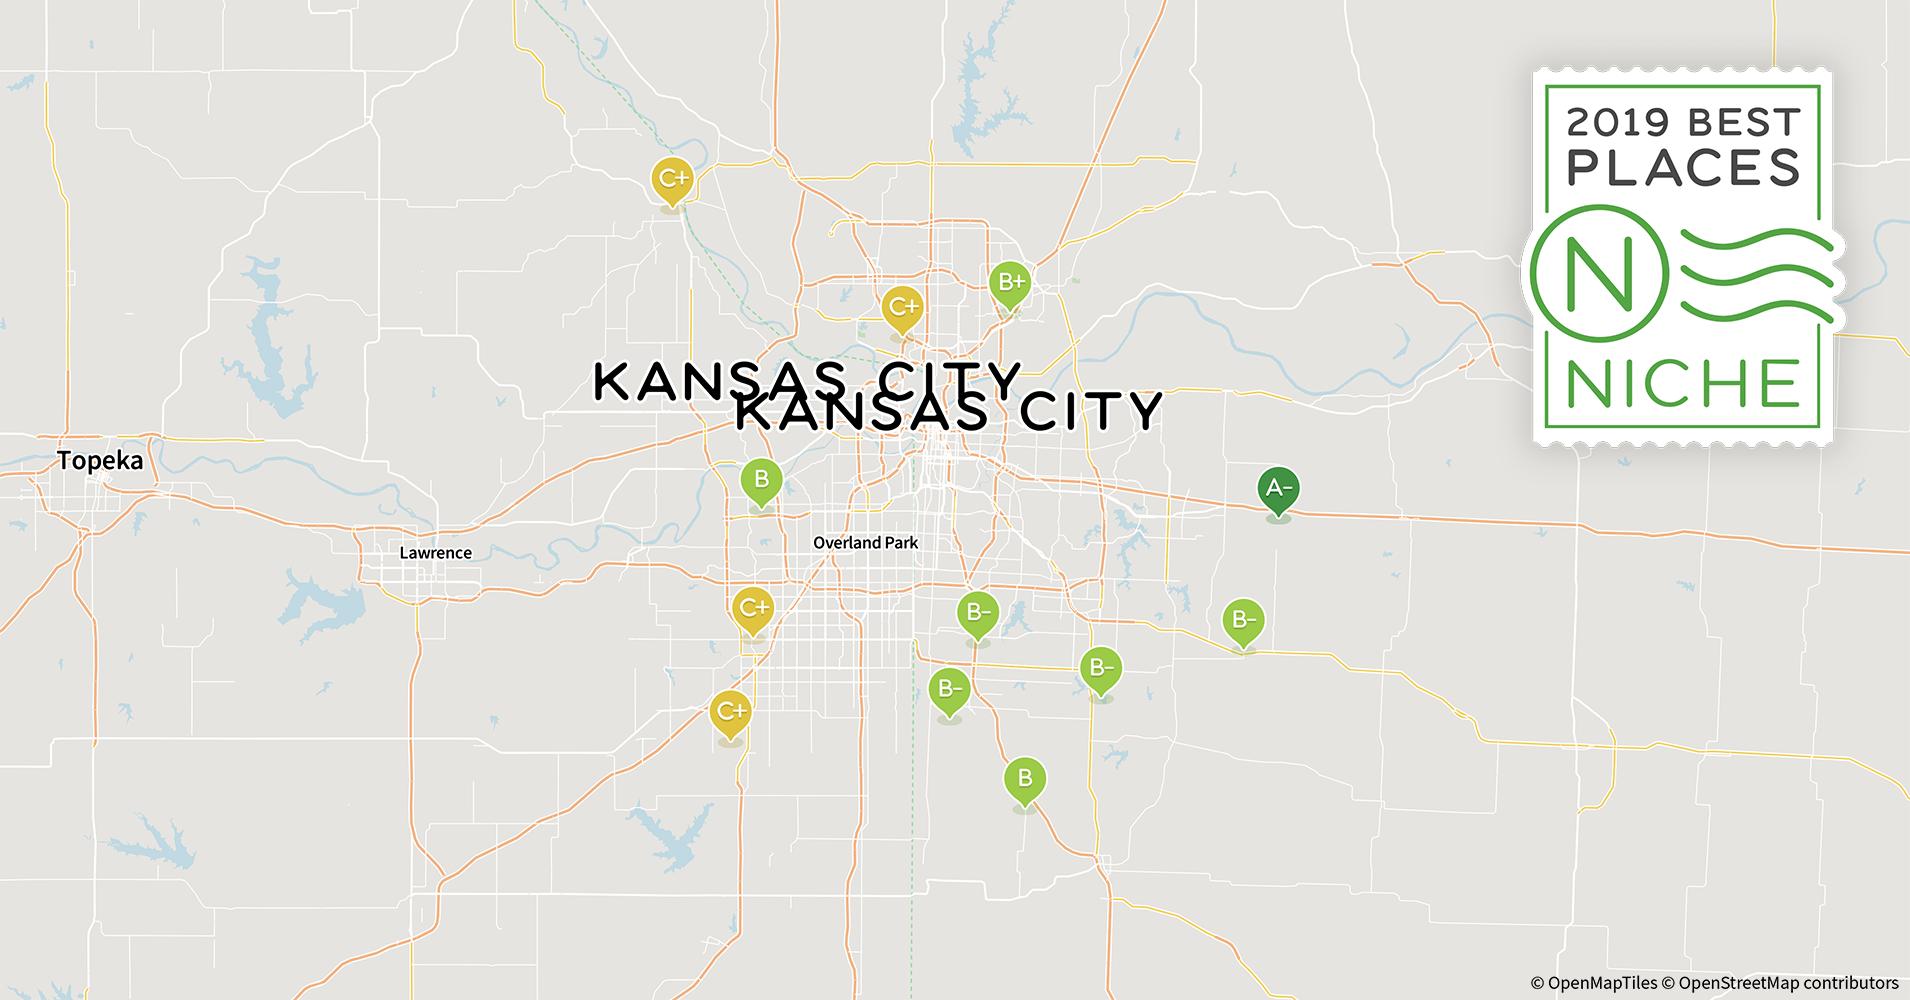 2019 Safe Neighborhoods in Kansas City Area - Niche